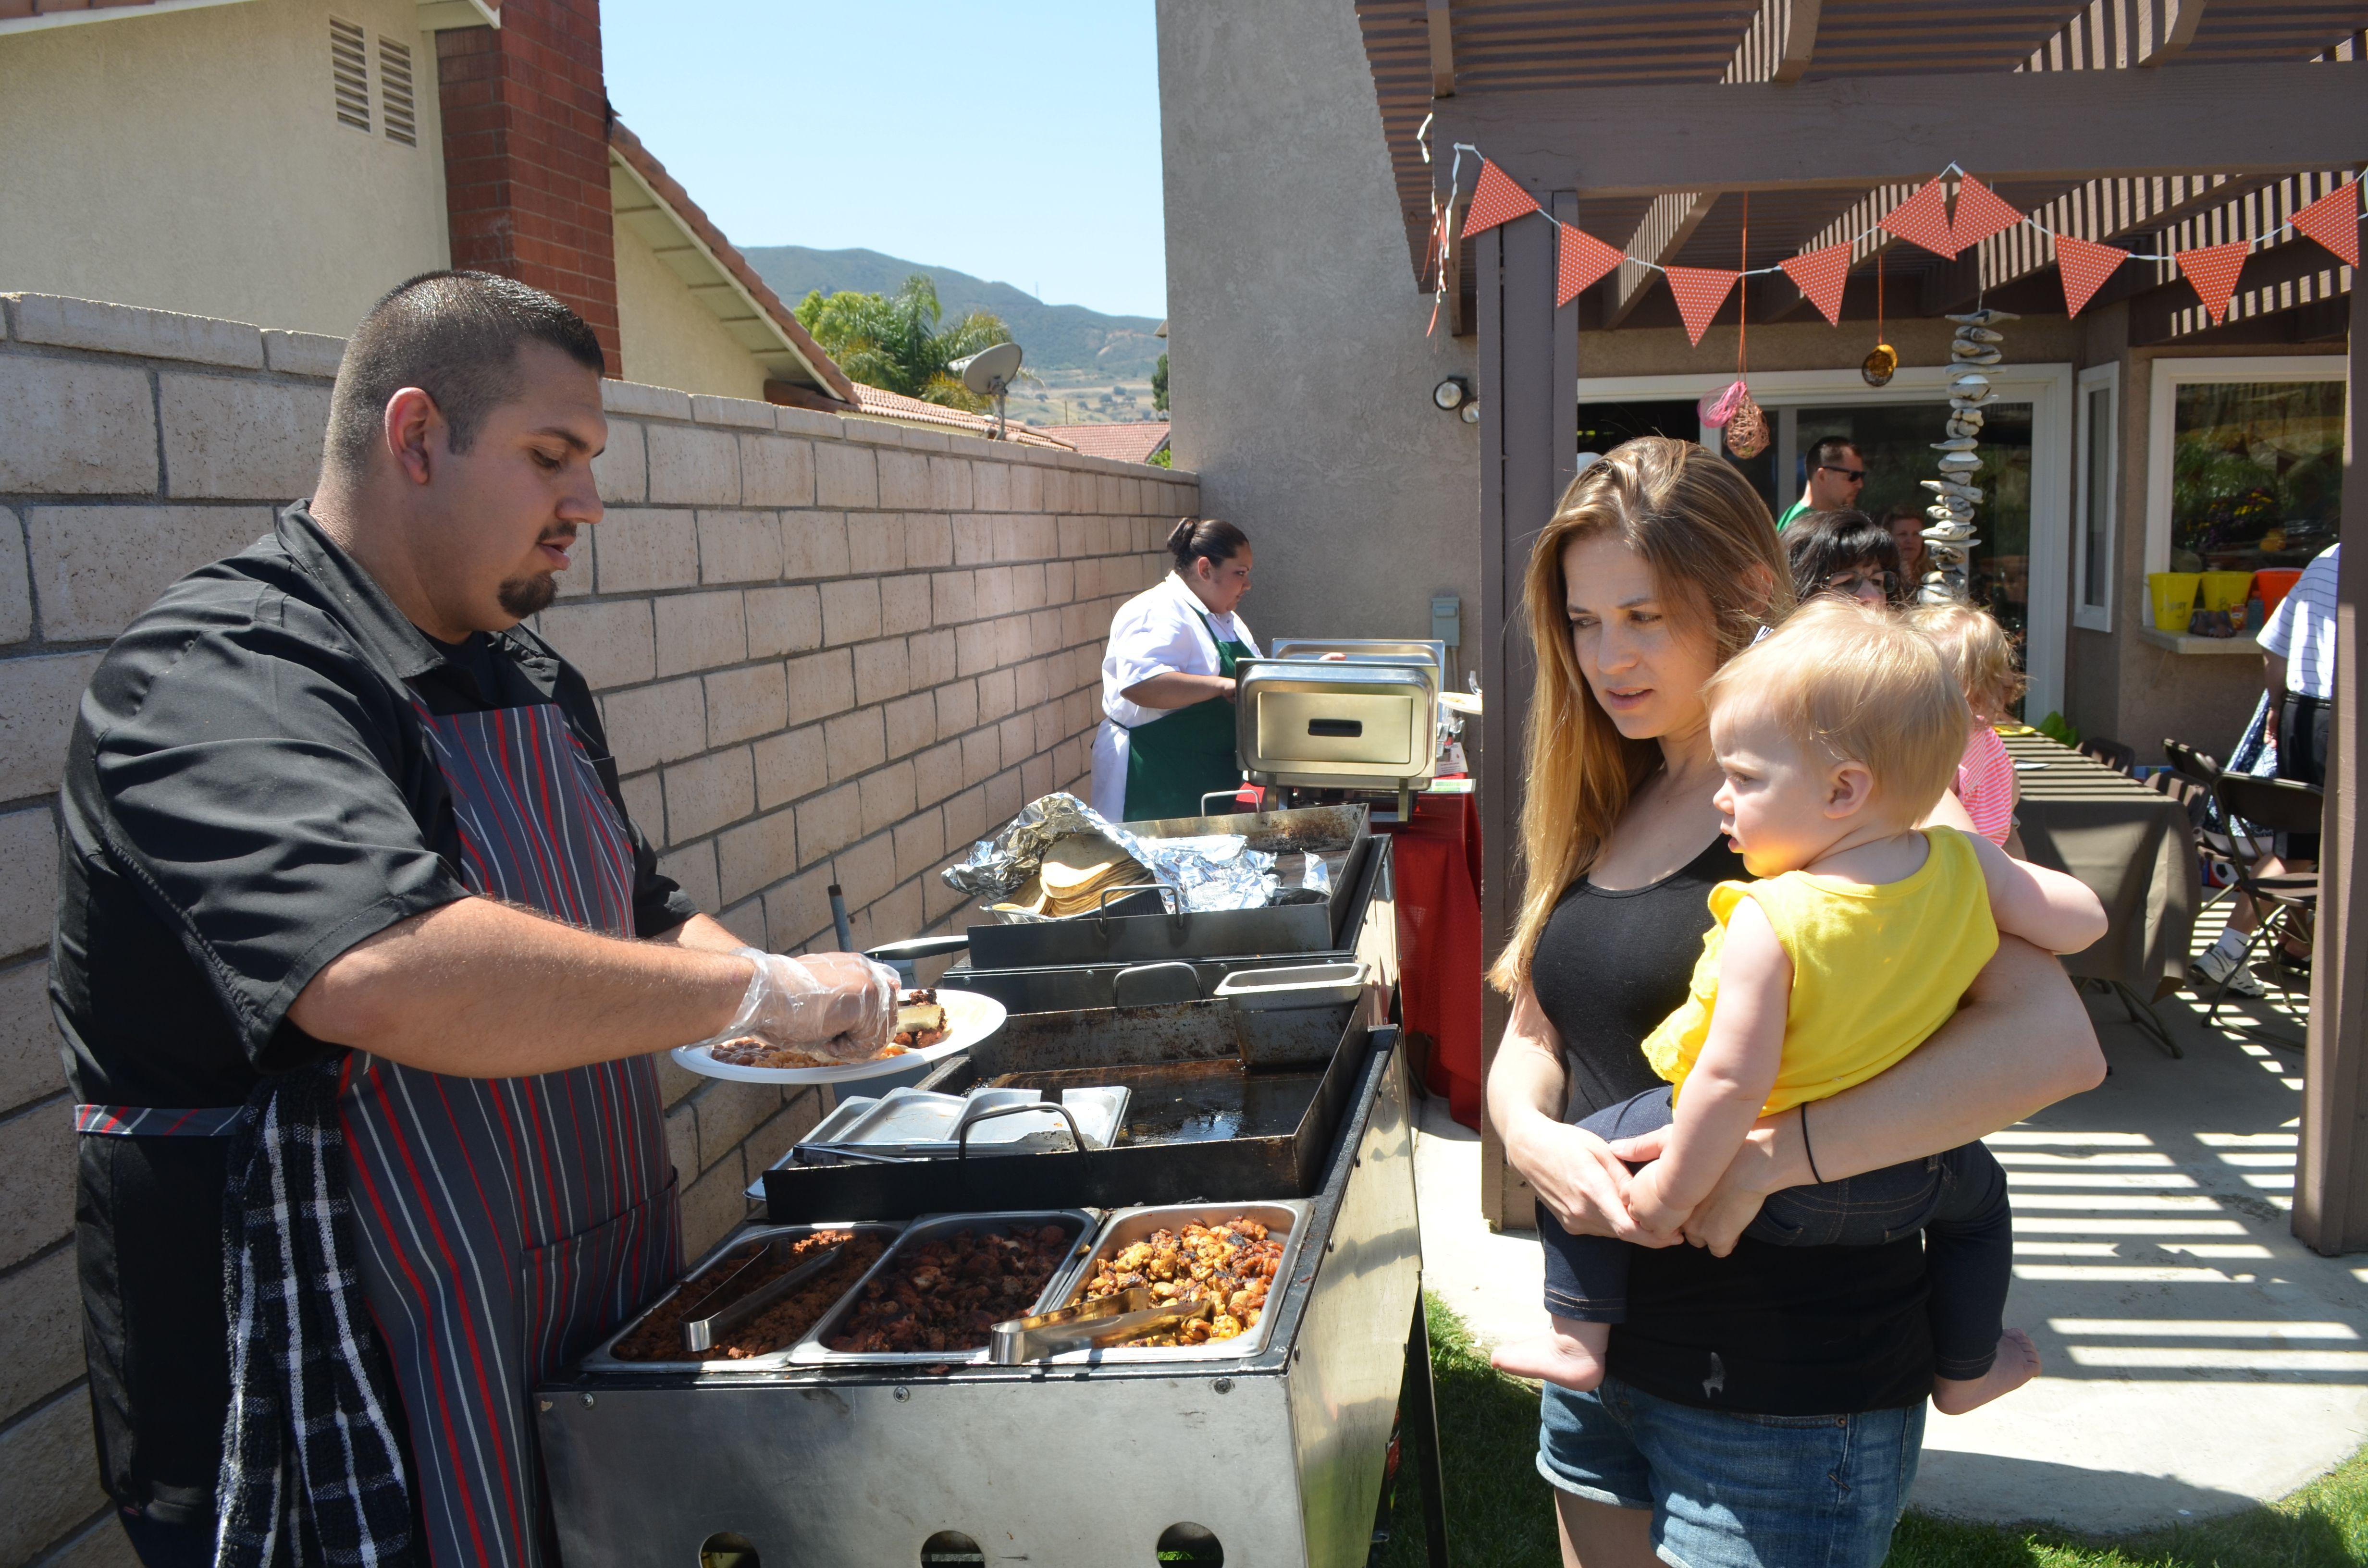 Taco Catering Orange County Taco Catering Los Angeles Taco Man Taco Bar Taco Cart Custom Bbq Pits Taco Catering Taco Man